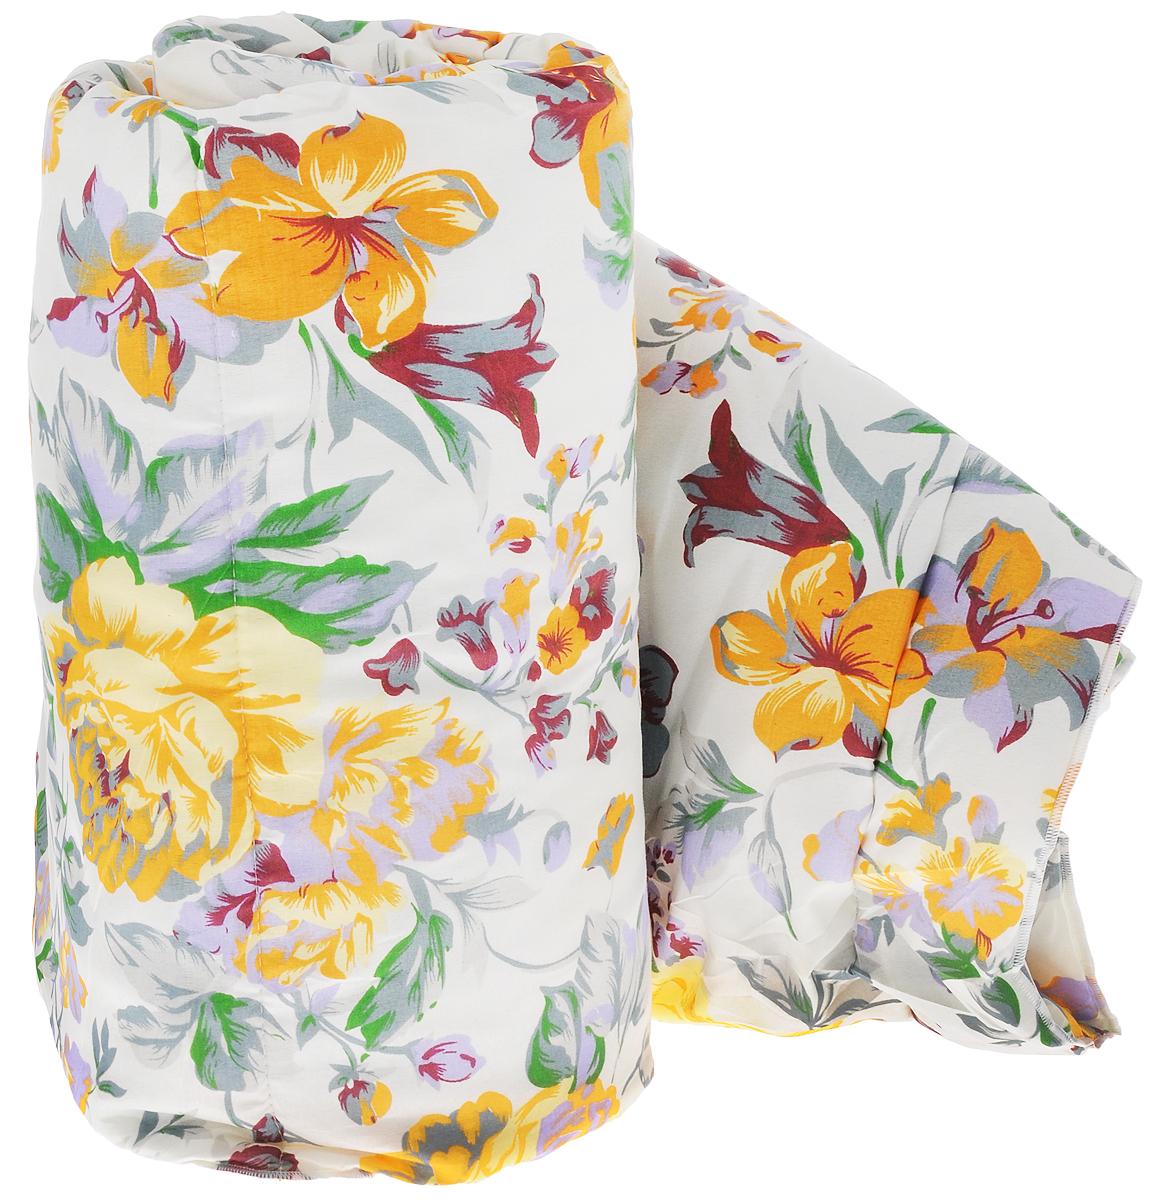 Одеяло легкое Sleeper Дили, наполнитель: силиконизированное волокно, 172 х 200 см20(13)323Одеяло Sleeper Дили представляет собой чехол из микрофлоры, изготовленный из синтетического силиконизированного волокна (100% полиэстер) и оформлен красивым рисунком. Такое одеяло подарит уют и комфорт во время сна. Изделия с синтетическим наполнителем имеют хорошую циркуляцию воздуха, быстро восстанавливают форму, они мягкие и упругие, удобны в уходе и эксплуатации. Одеяло очень легкое, удобное и комфортное, оно создаст оптимальный микроклимат в постели - в теплое время года под ним не будет ни холодно, ни жарко. Рекомендации по уходу: - Ручная и машинная стирка при температуре 40°С. - Не гладить. - Не отбеливать. - Сушить при низкой температуре. - Химчистка с использованием углеводорода, хлорного этилена. Размер одеяла: 172 см х 200 см. Материал чехла: микрофибра (100% полиэстер). Материал наполнителя: силиконизированное волокно (100% полиэстер). Масса наполнителя: 0,5 кг.